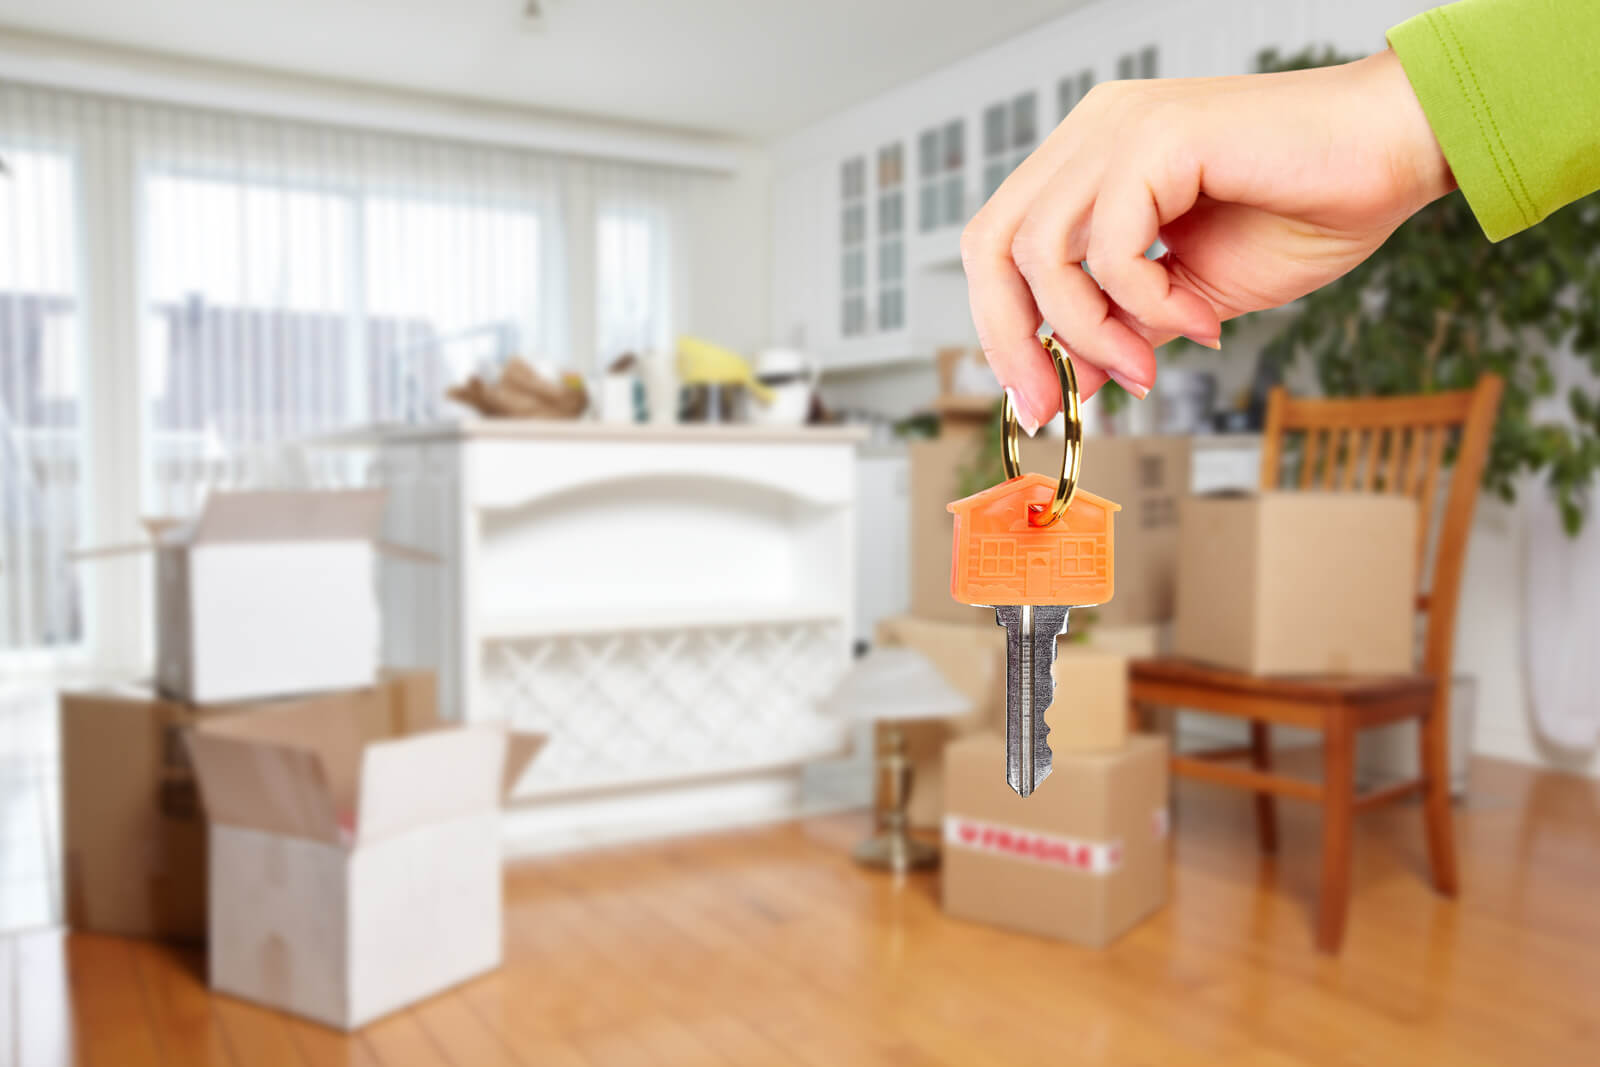 Od 5 stycznia można składać wnioski o dodatek mieszkaniowy z dopłatą.